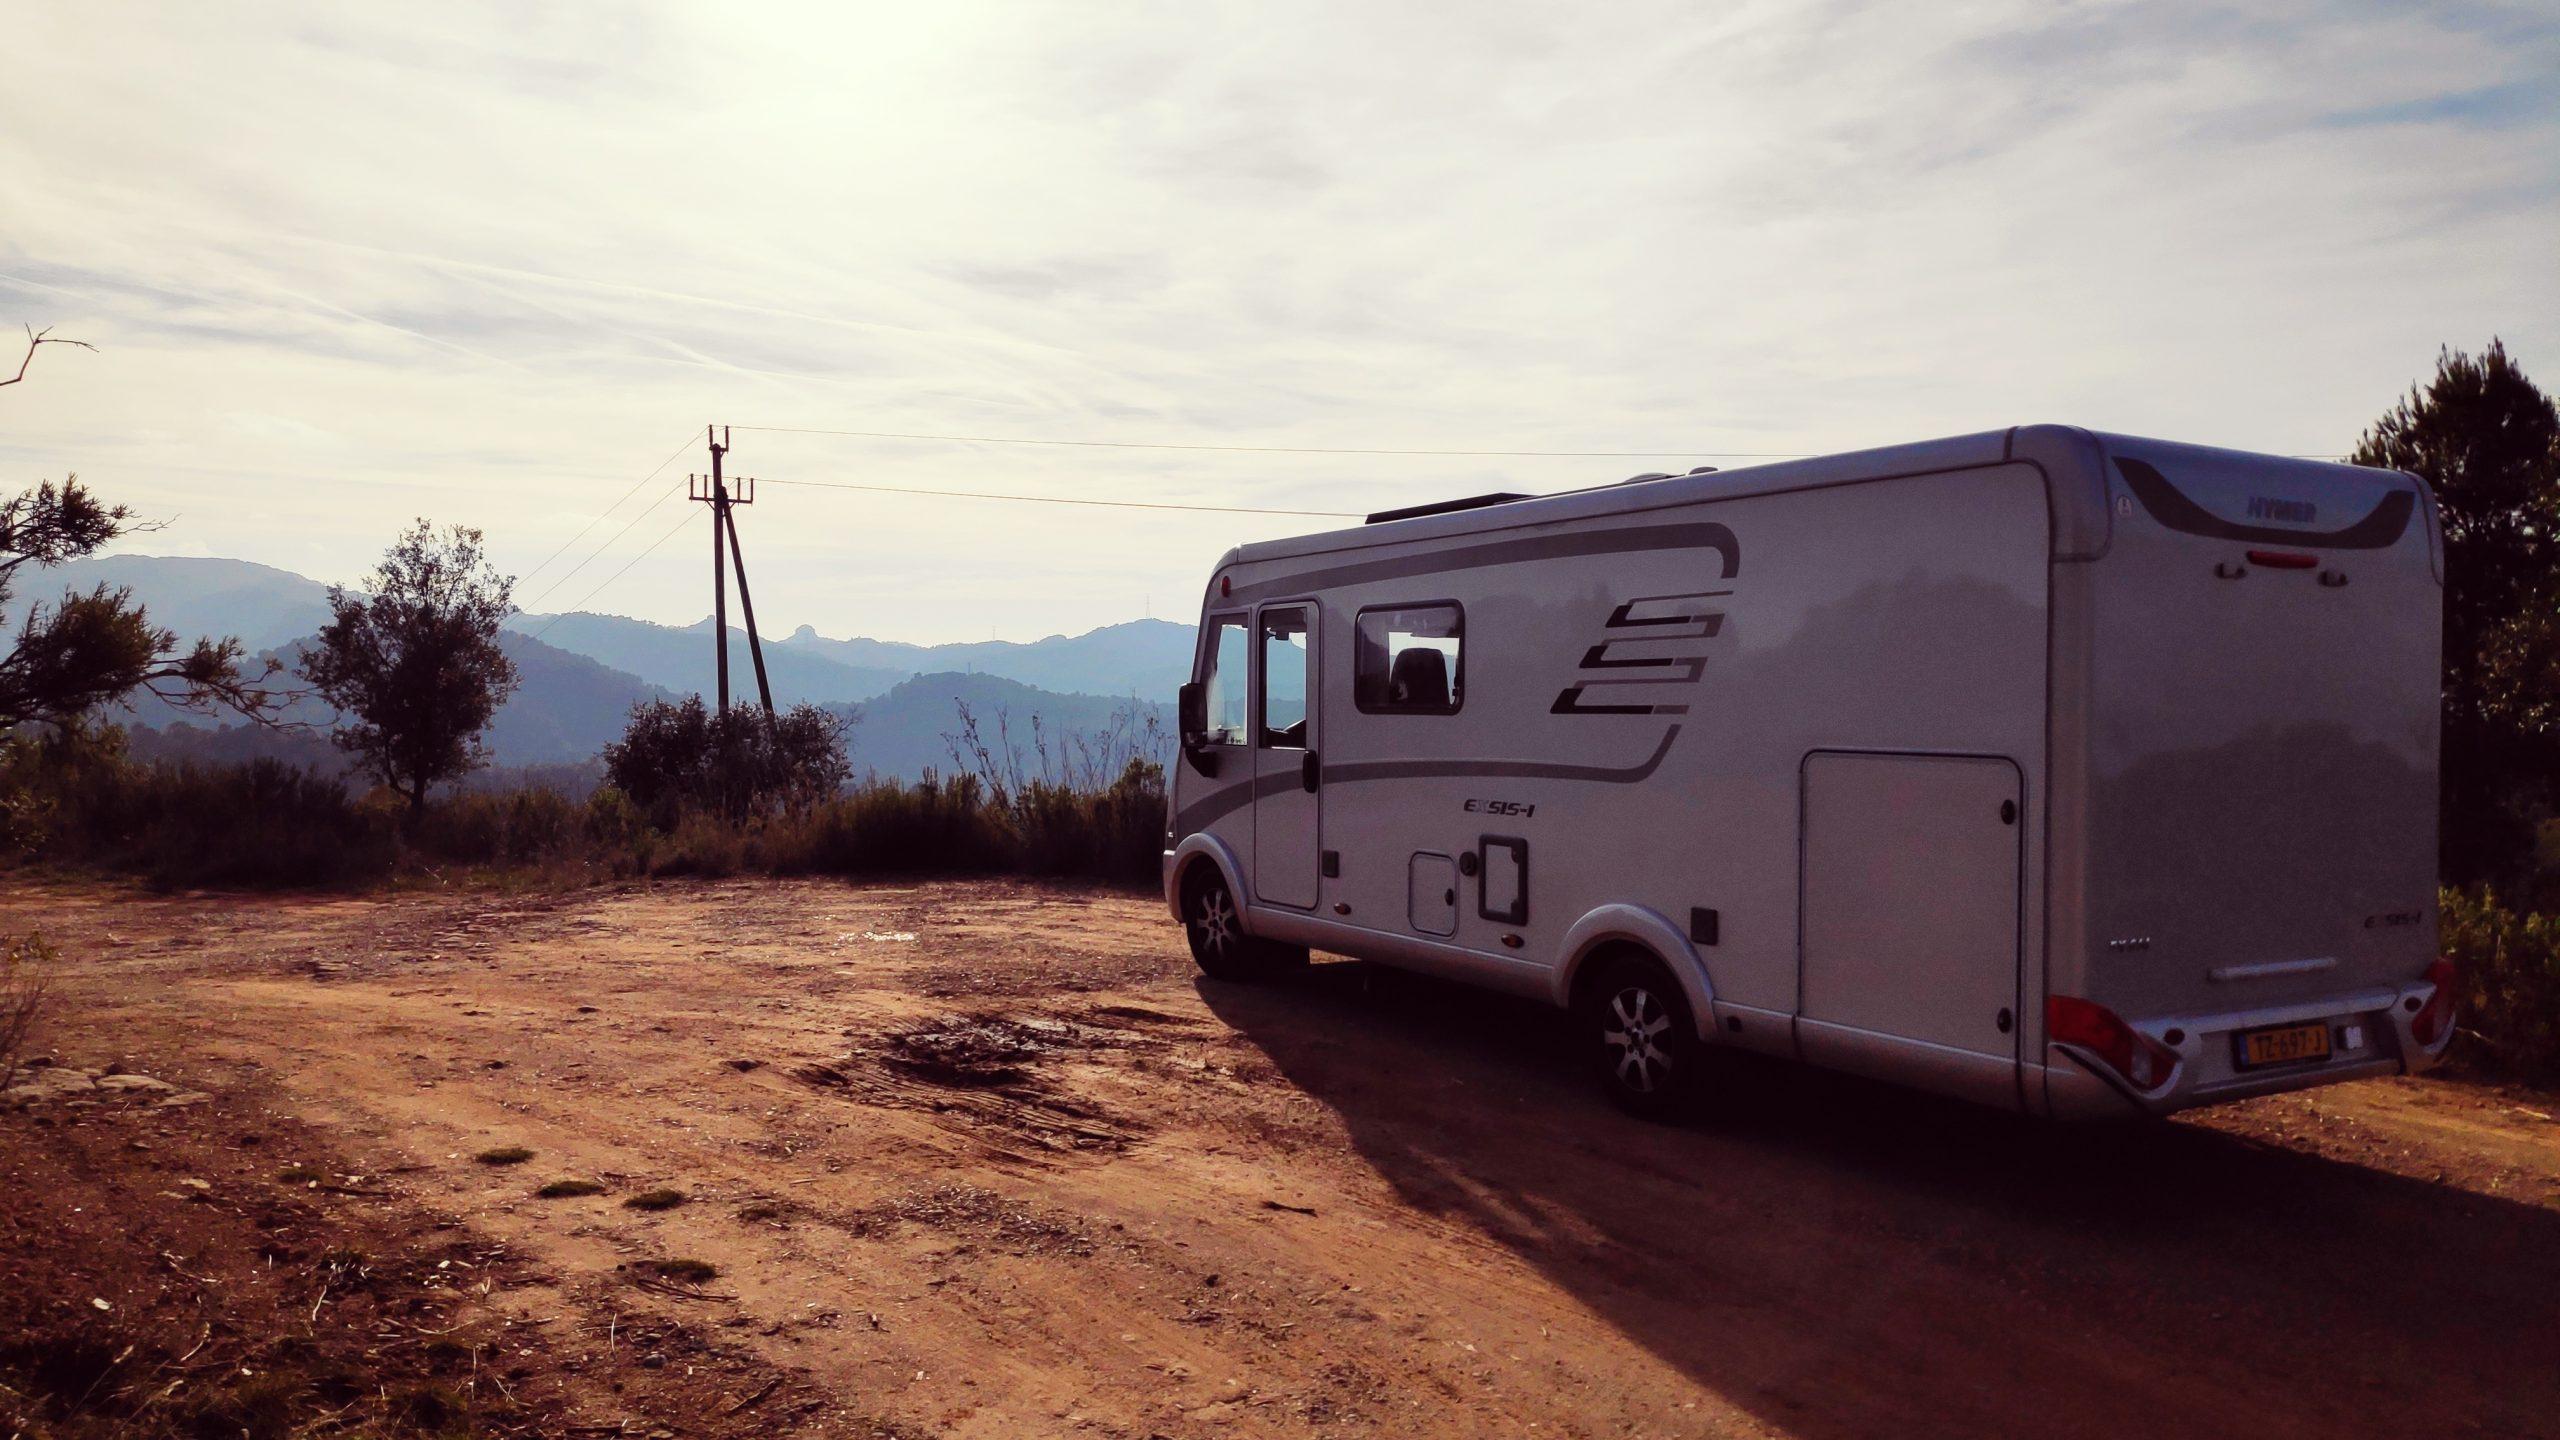 De ideale camper voor onze rondreis Europa